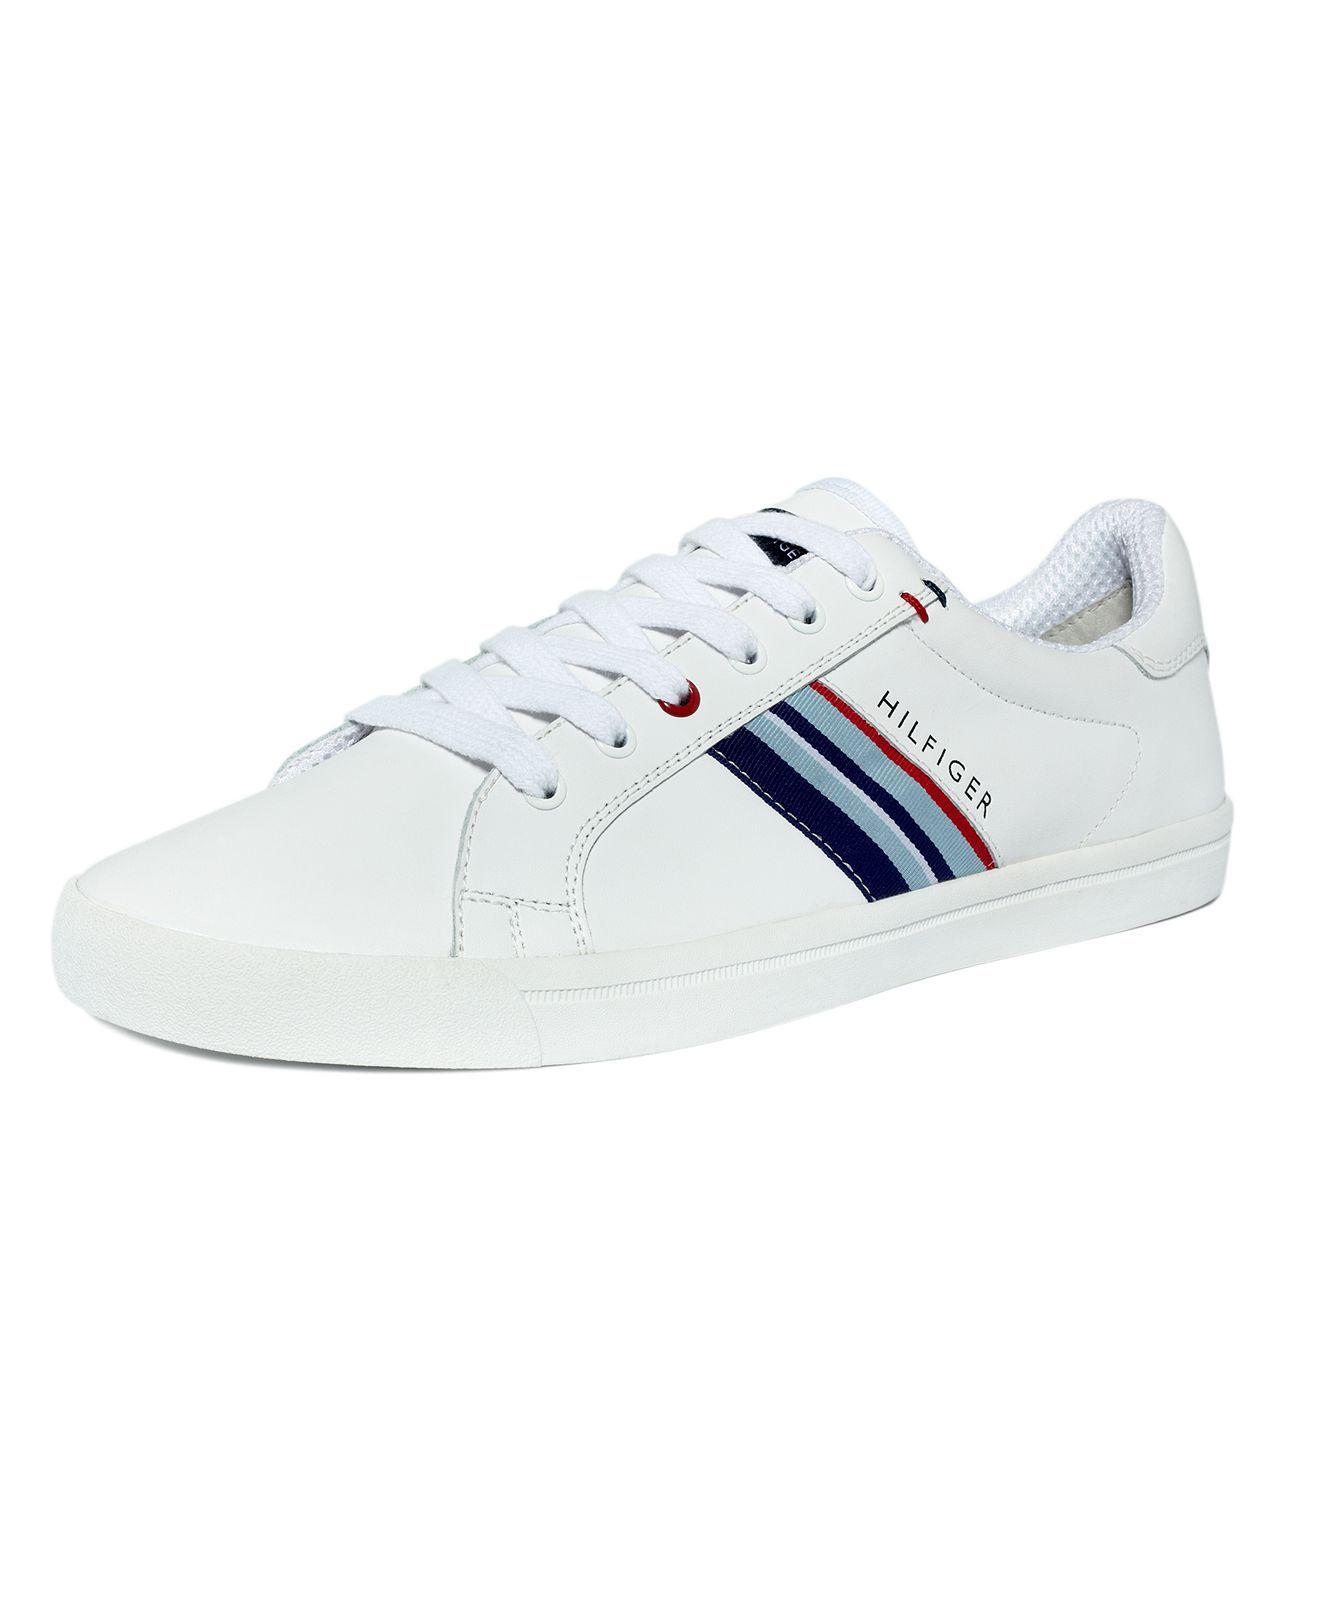 ab3d952499e5b Tommy Hilfiger Shoes